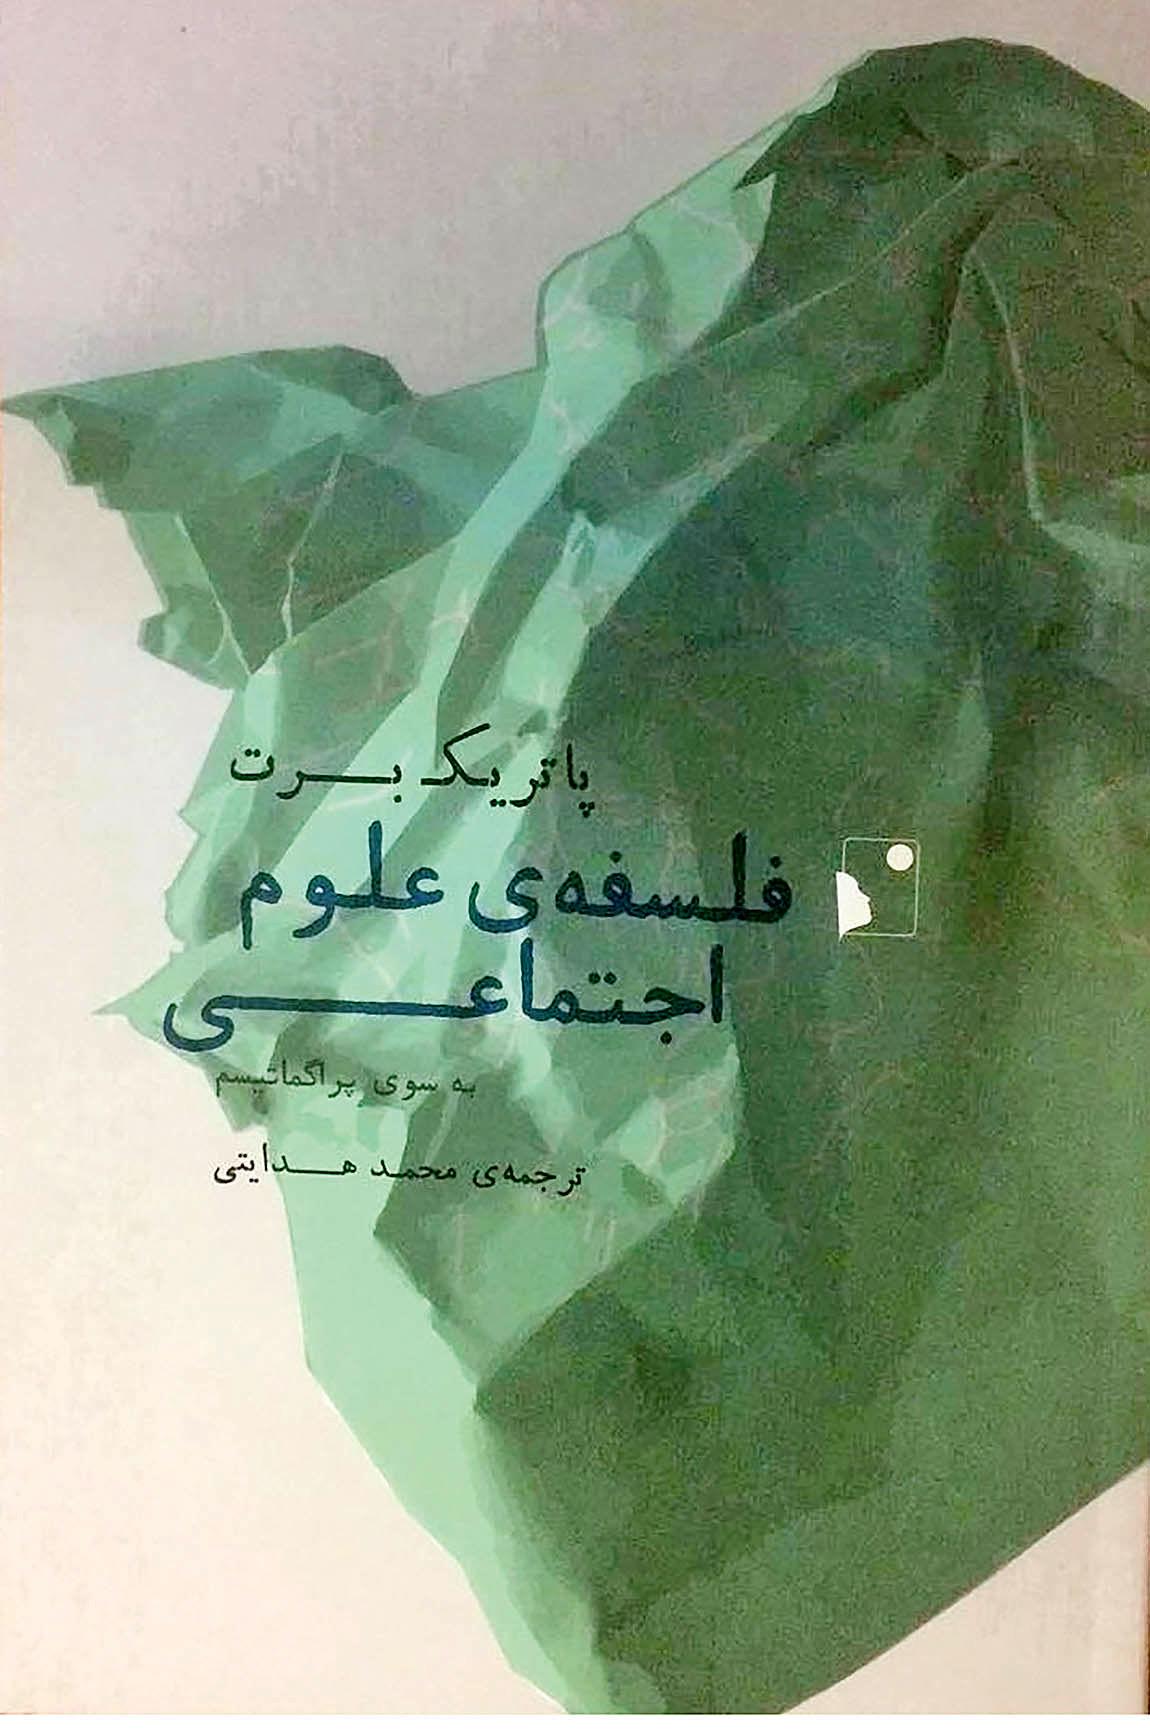 به سوی پراگماتیسم در کتابخانه علوم اجتماعی ایران